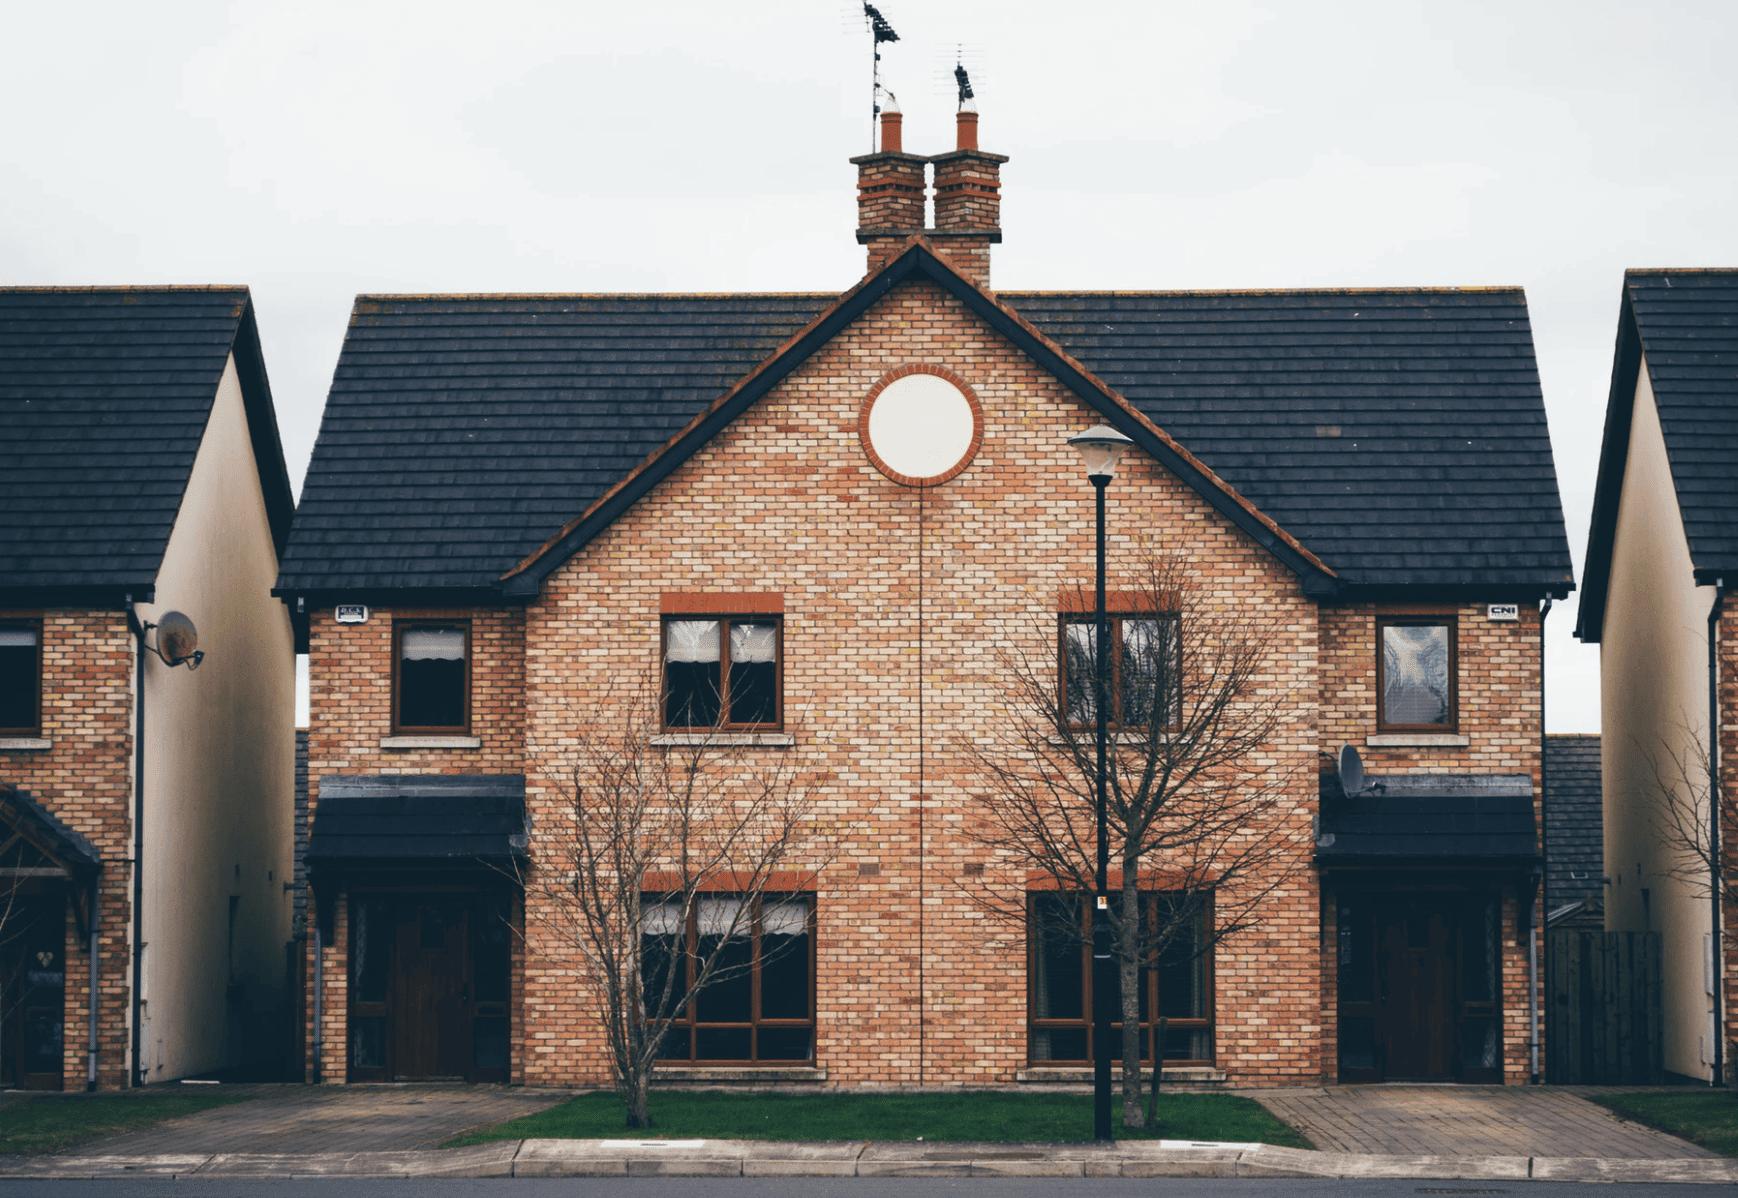 Les frais qu'il faut prendre en compte lors d'un achat immobilier